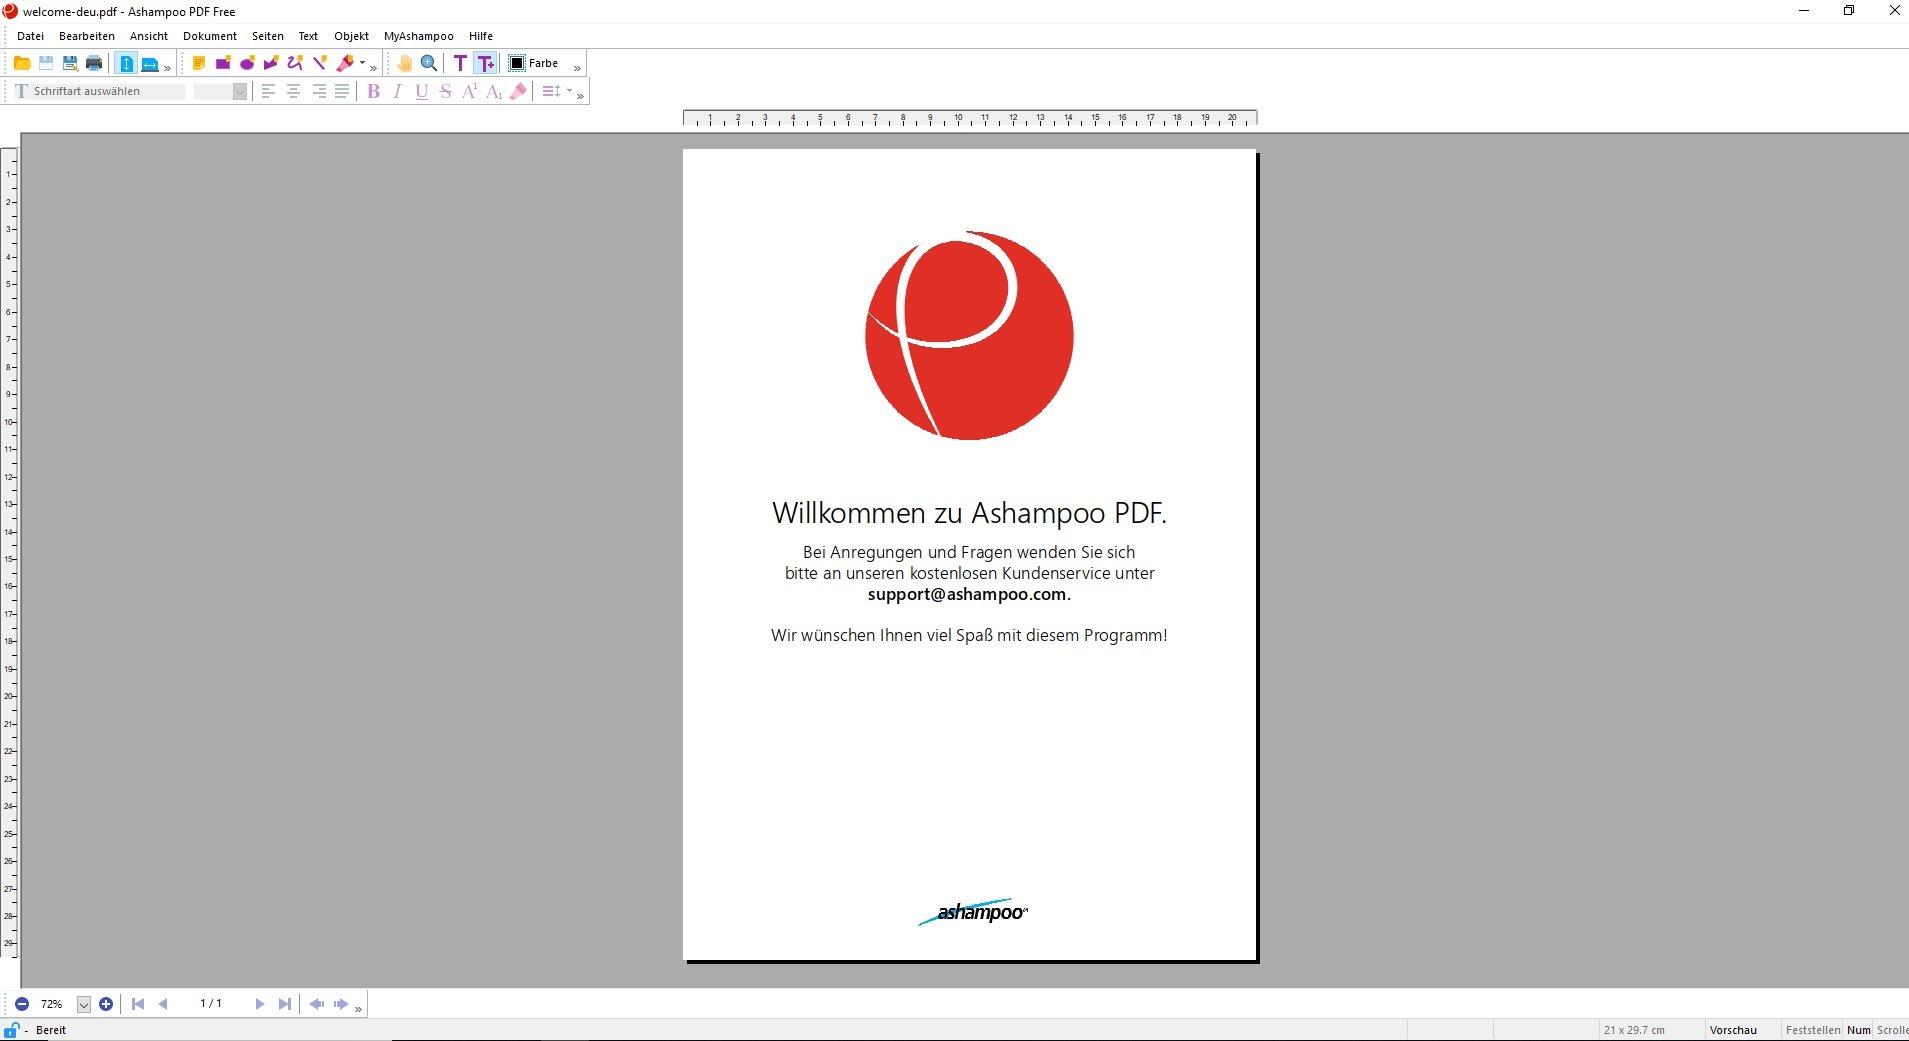 pdf-datei bearbeiten